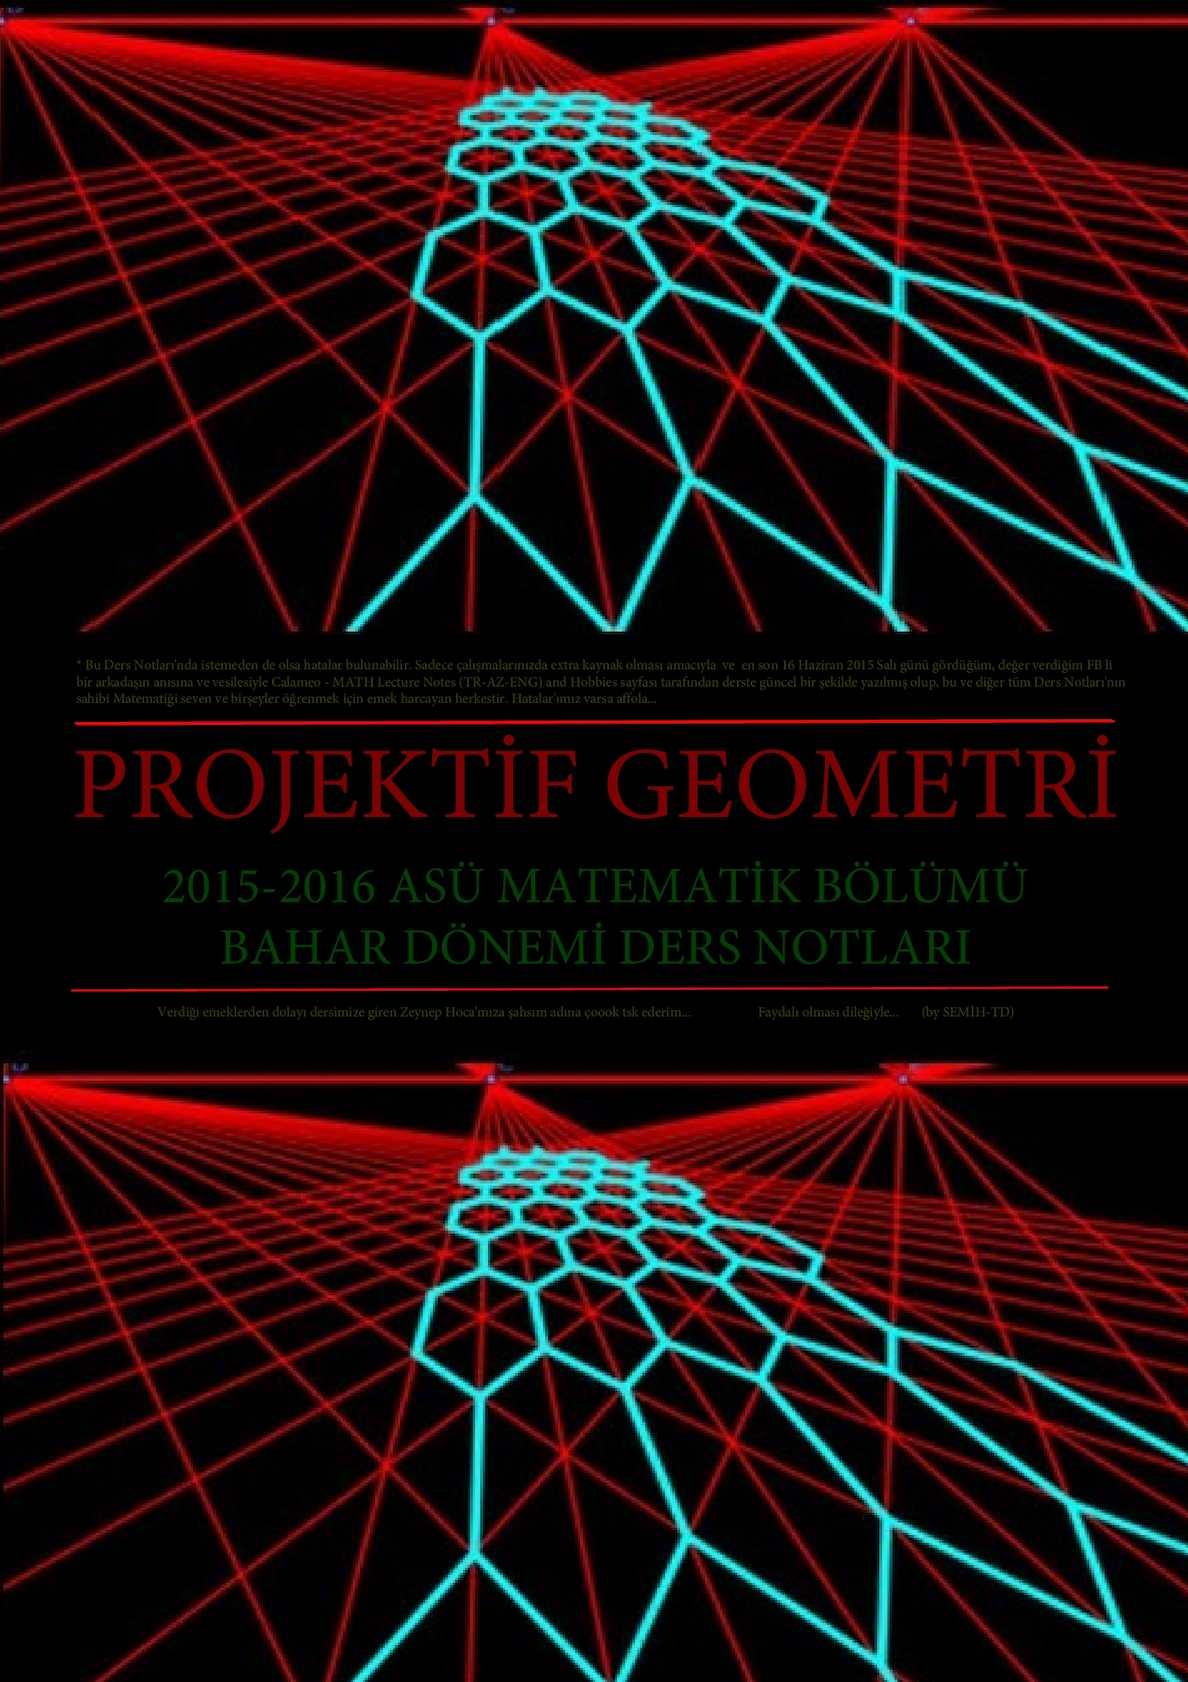 Projektif Geometri  - ASÜ Ders Notları (2015-2016 Bahar Dönemi)